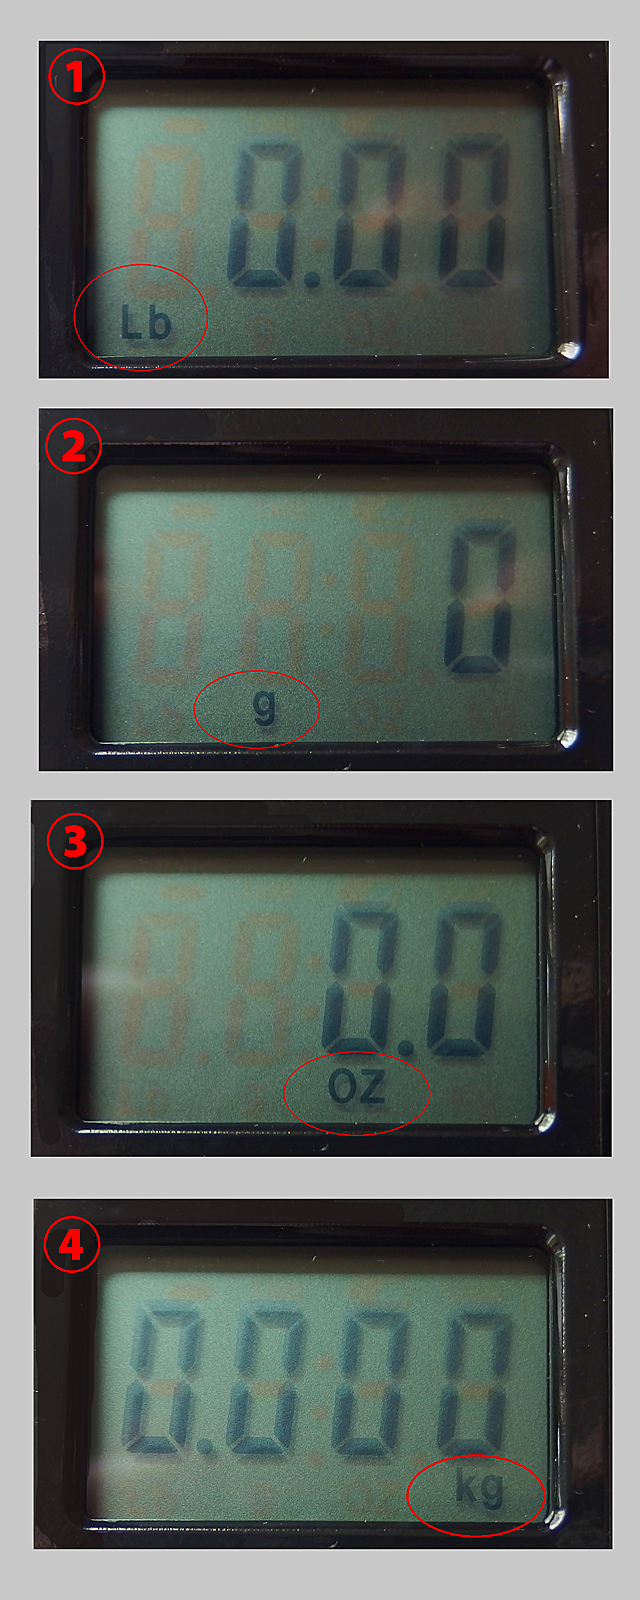 Lb(ポンド)-g(グラム)-OZ(オンス)-Kg(キログラム)と計測単位があります。